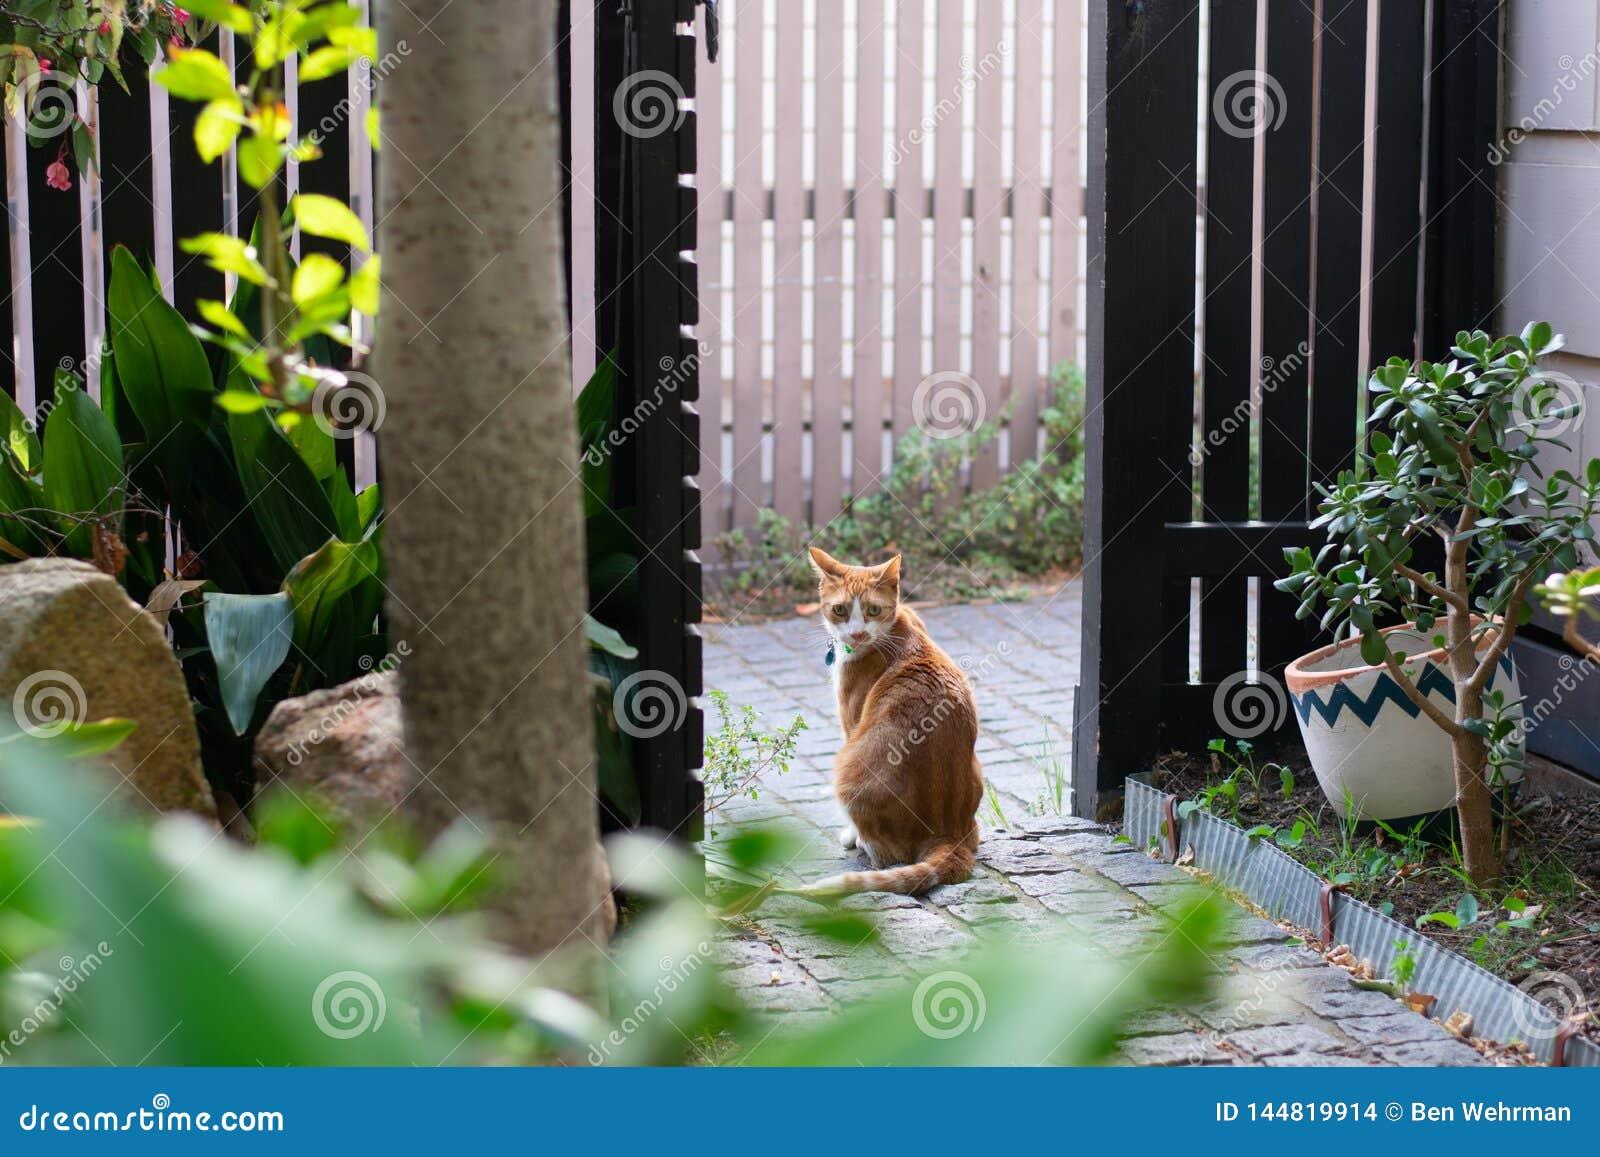 Ginger Cat in the Garden